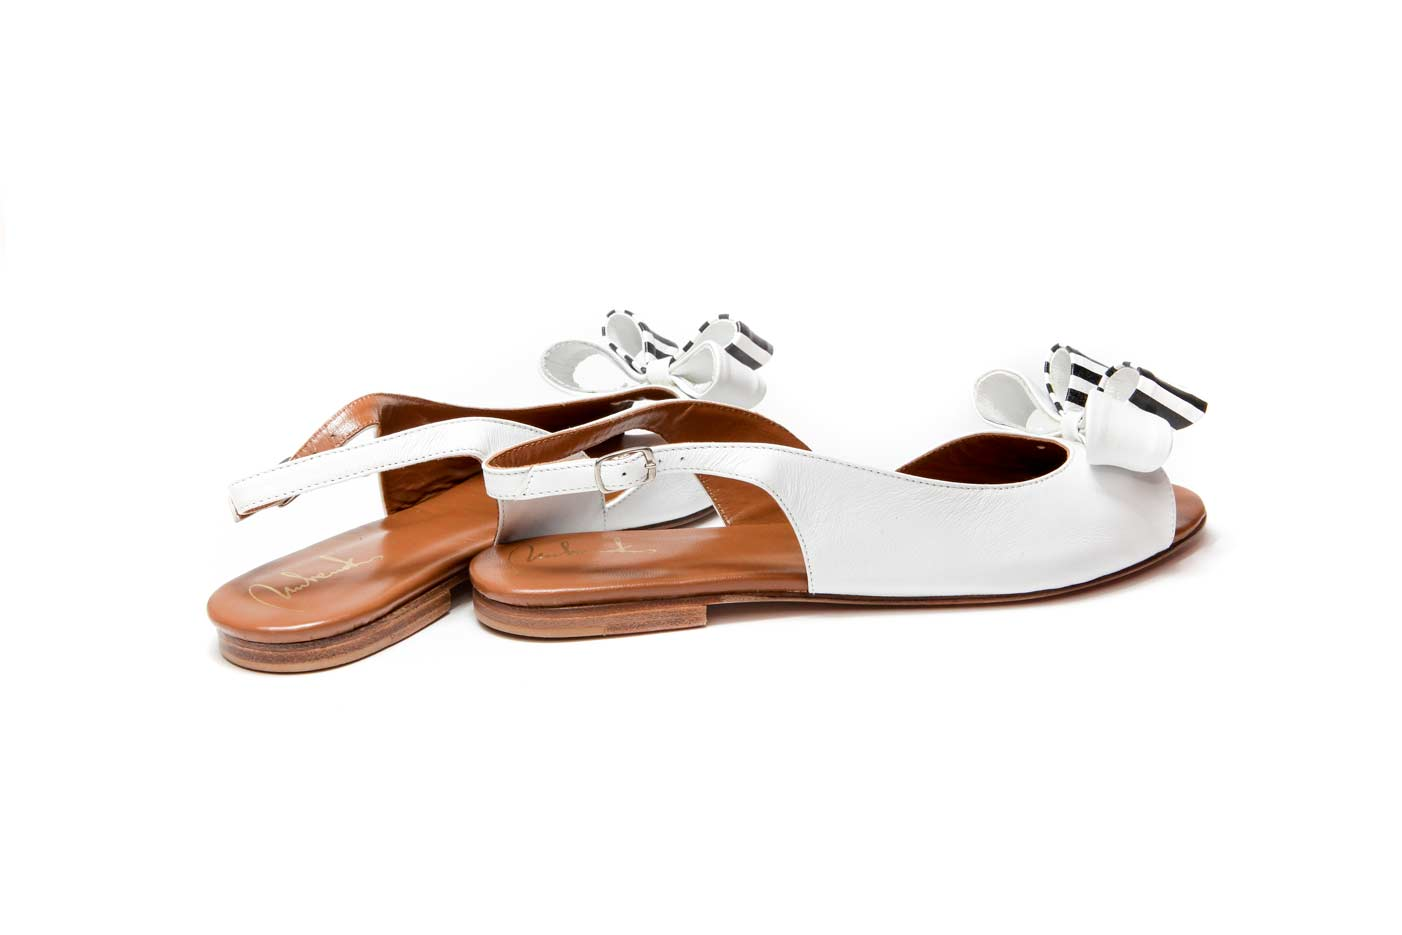 White bow sandals | Summer handmade